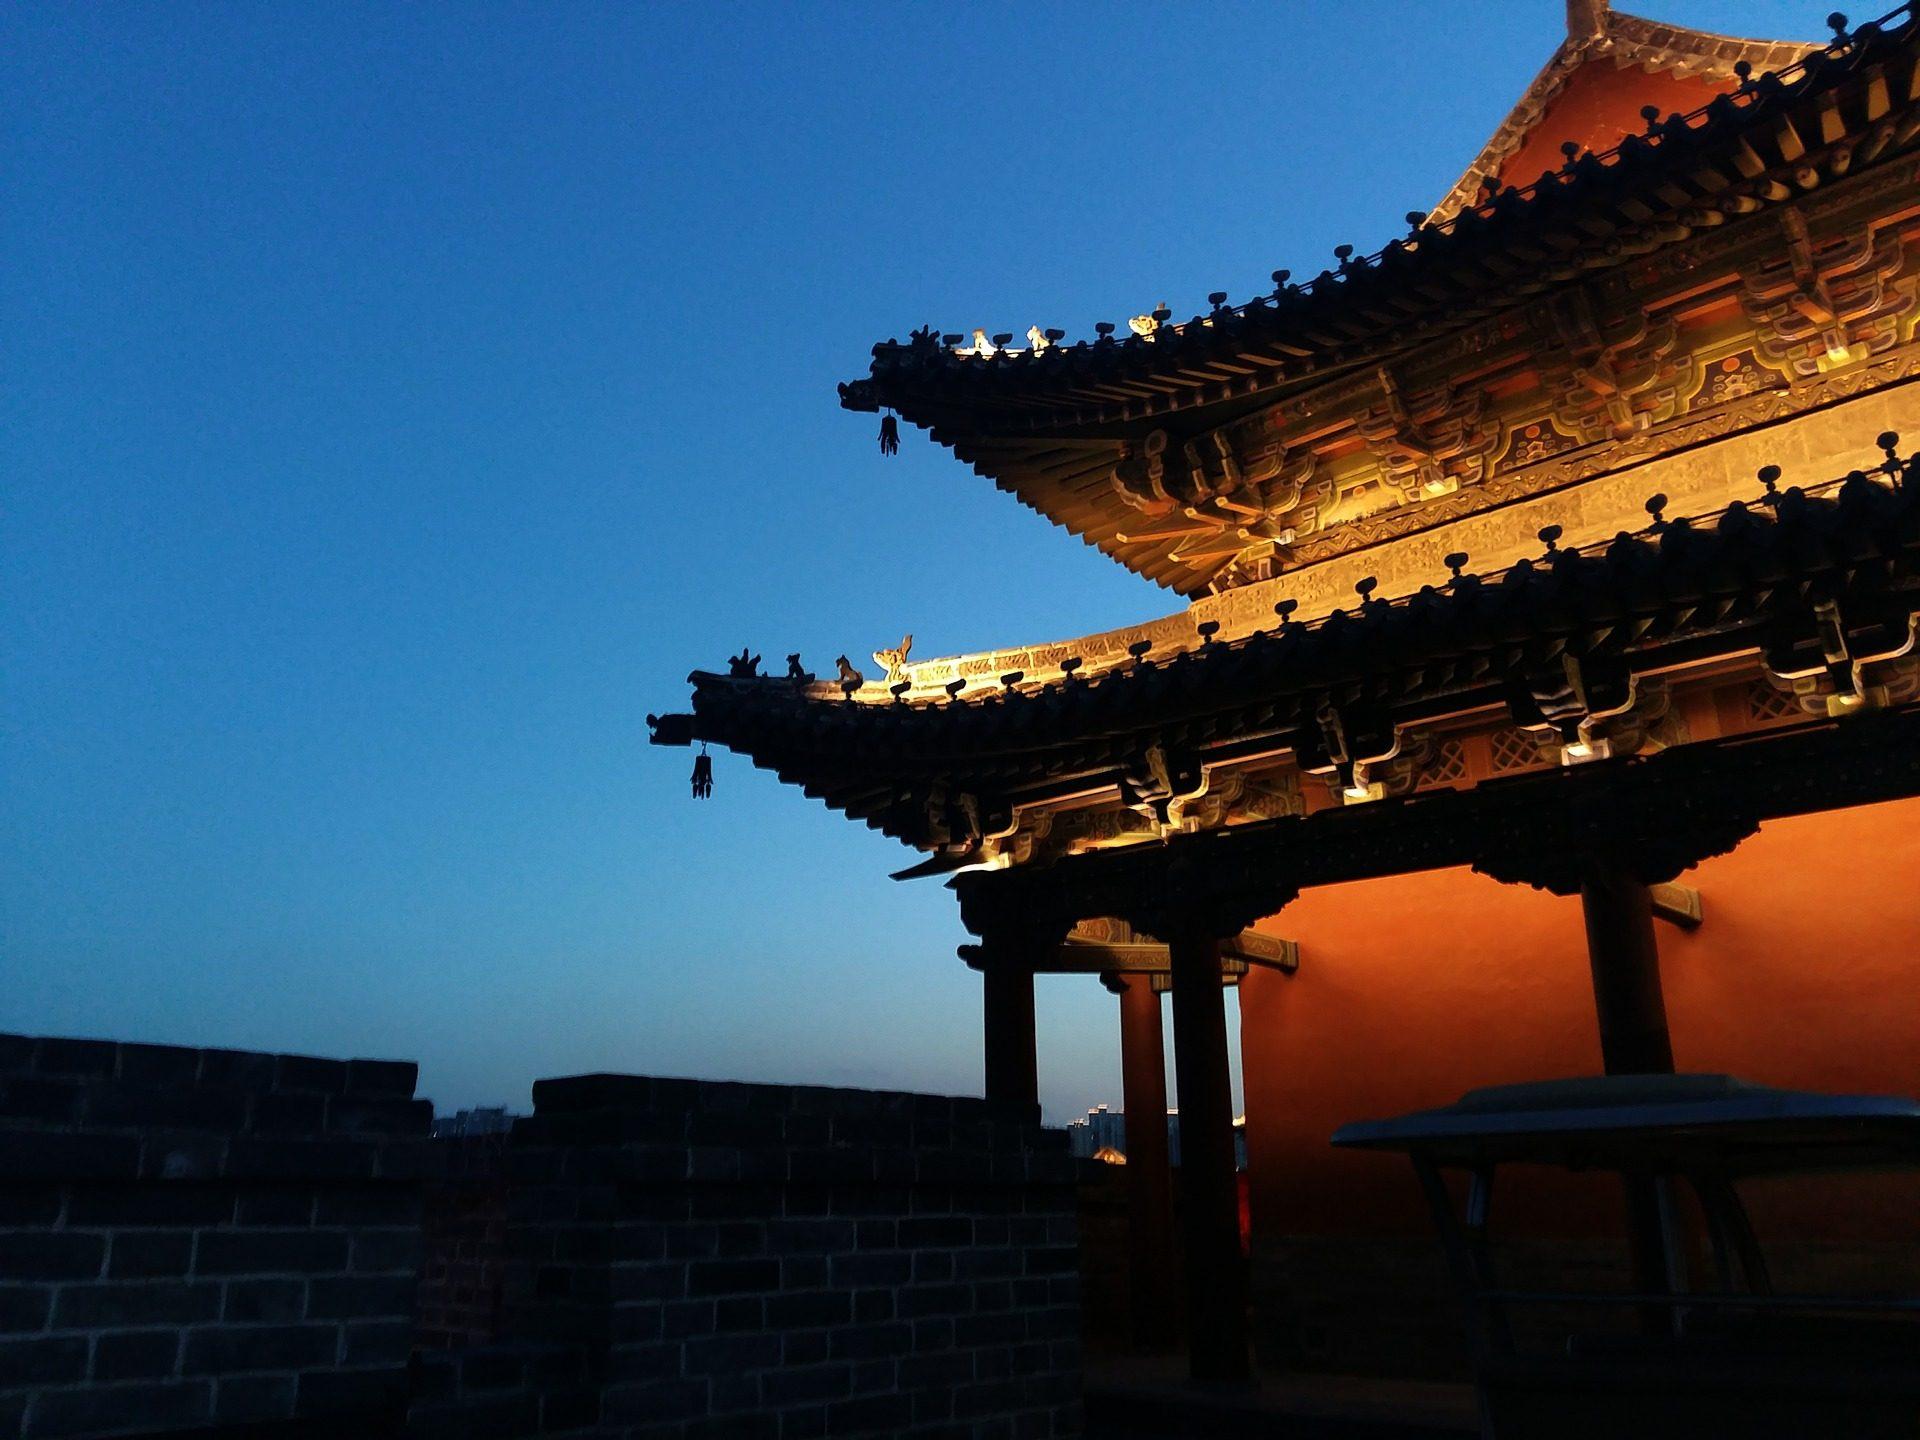 costruzione, tetto, Orientale, ombre, Cina - Sfondi HD - Professor-falken.com